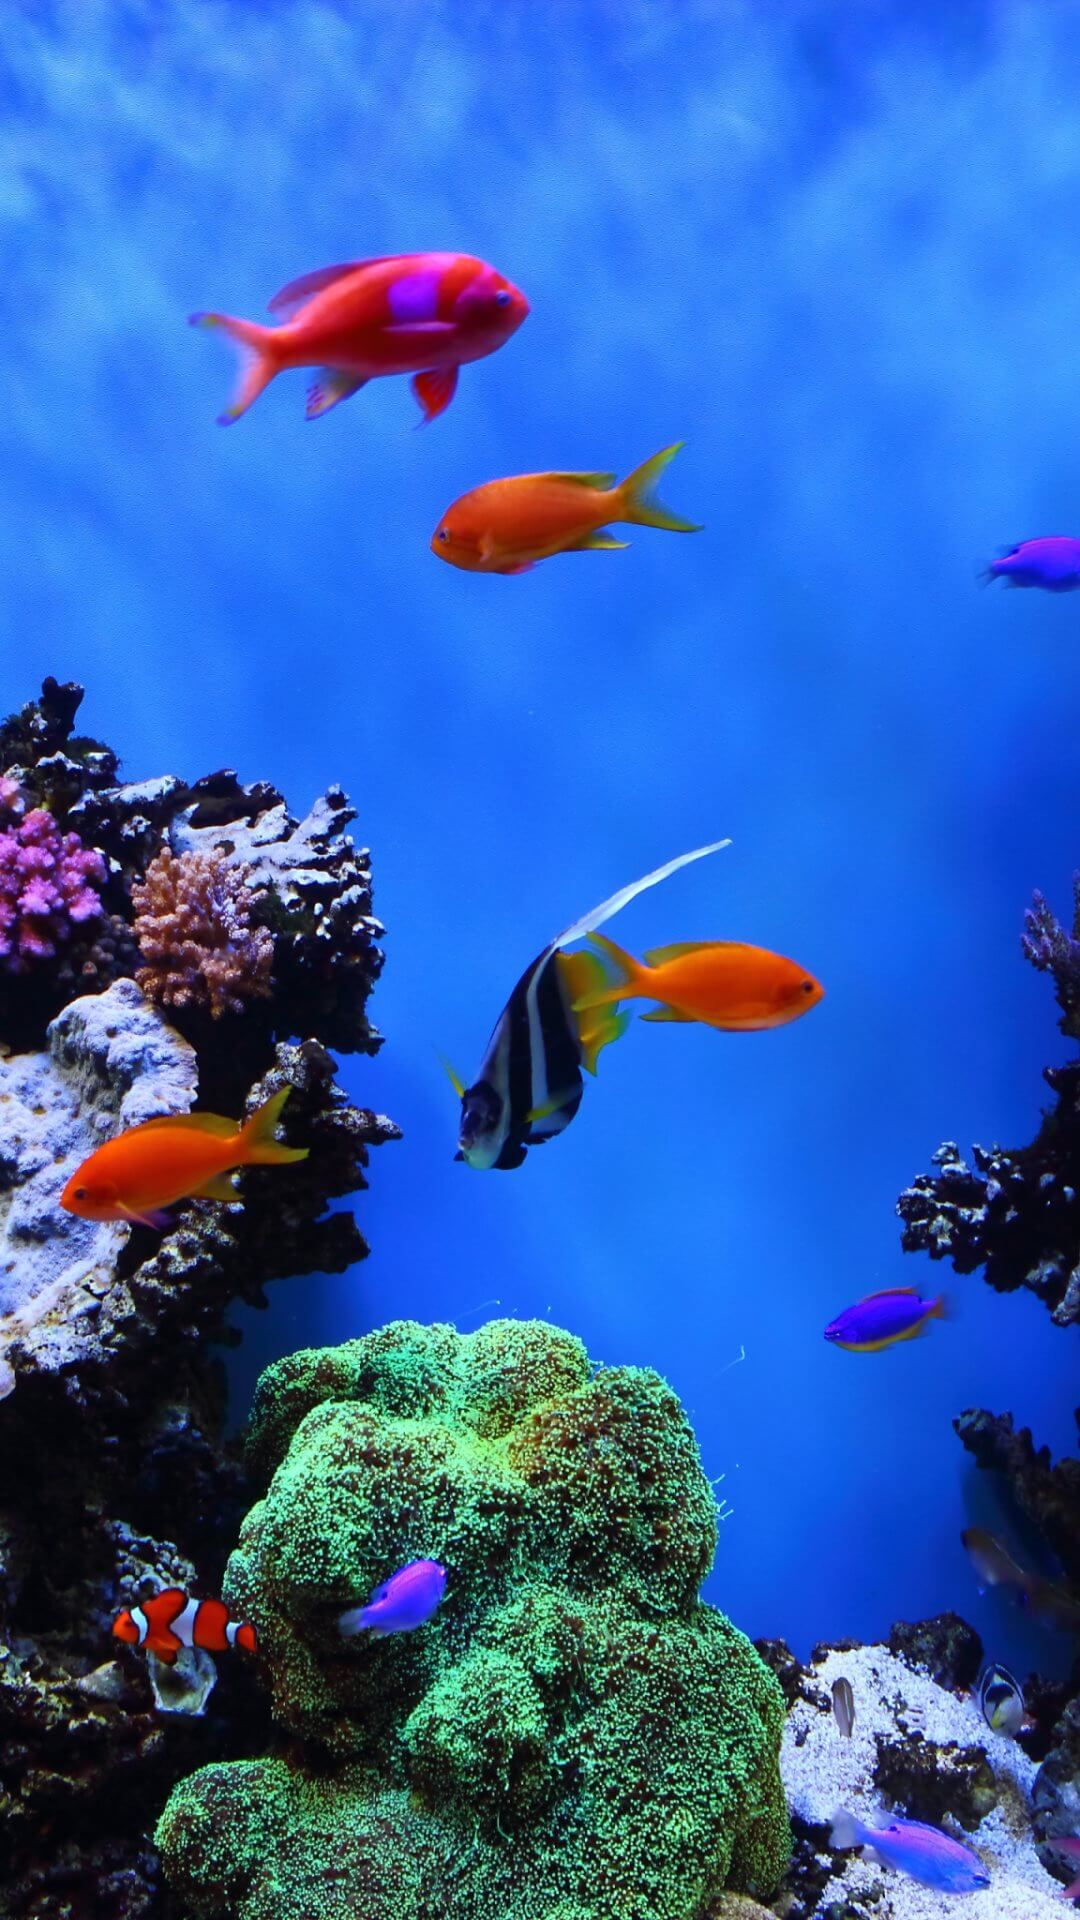 21+] Aquarium Wallpaper on WallpaperSafari